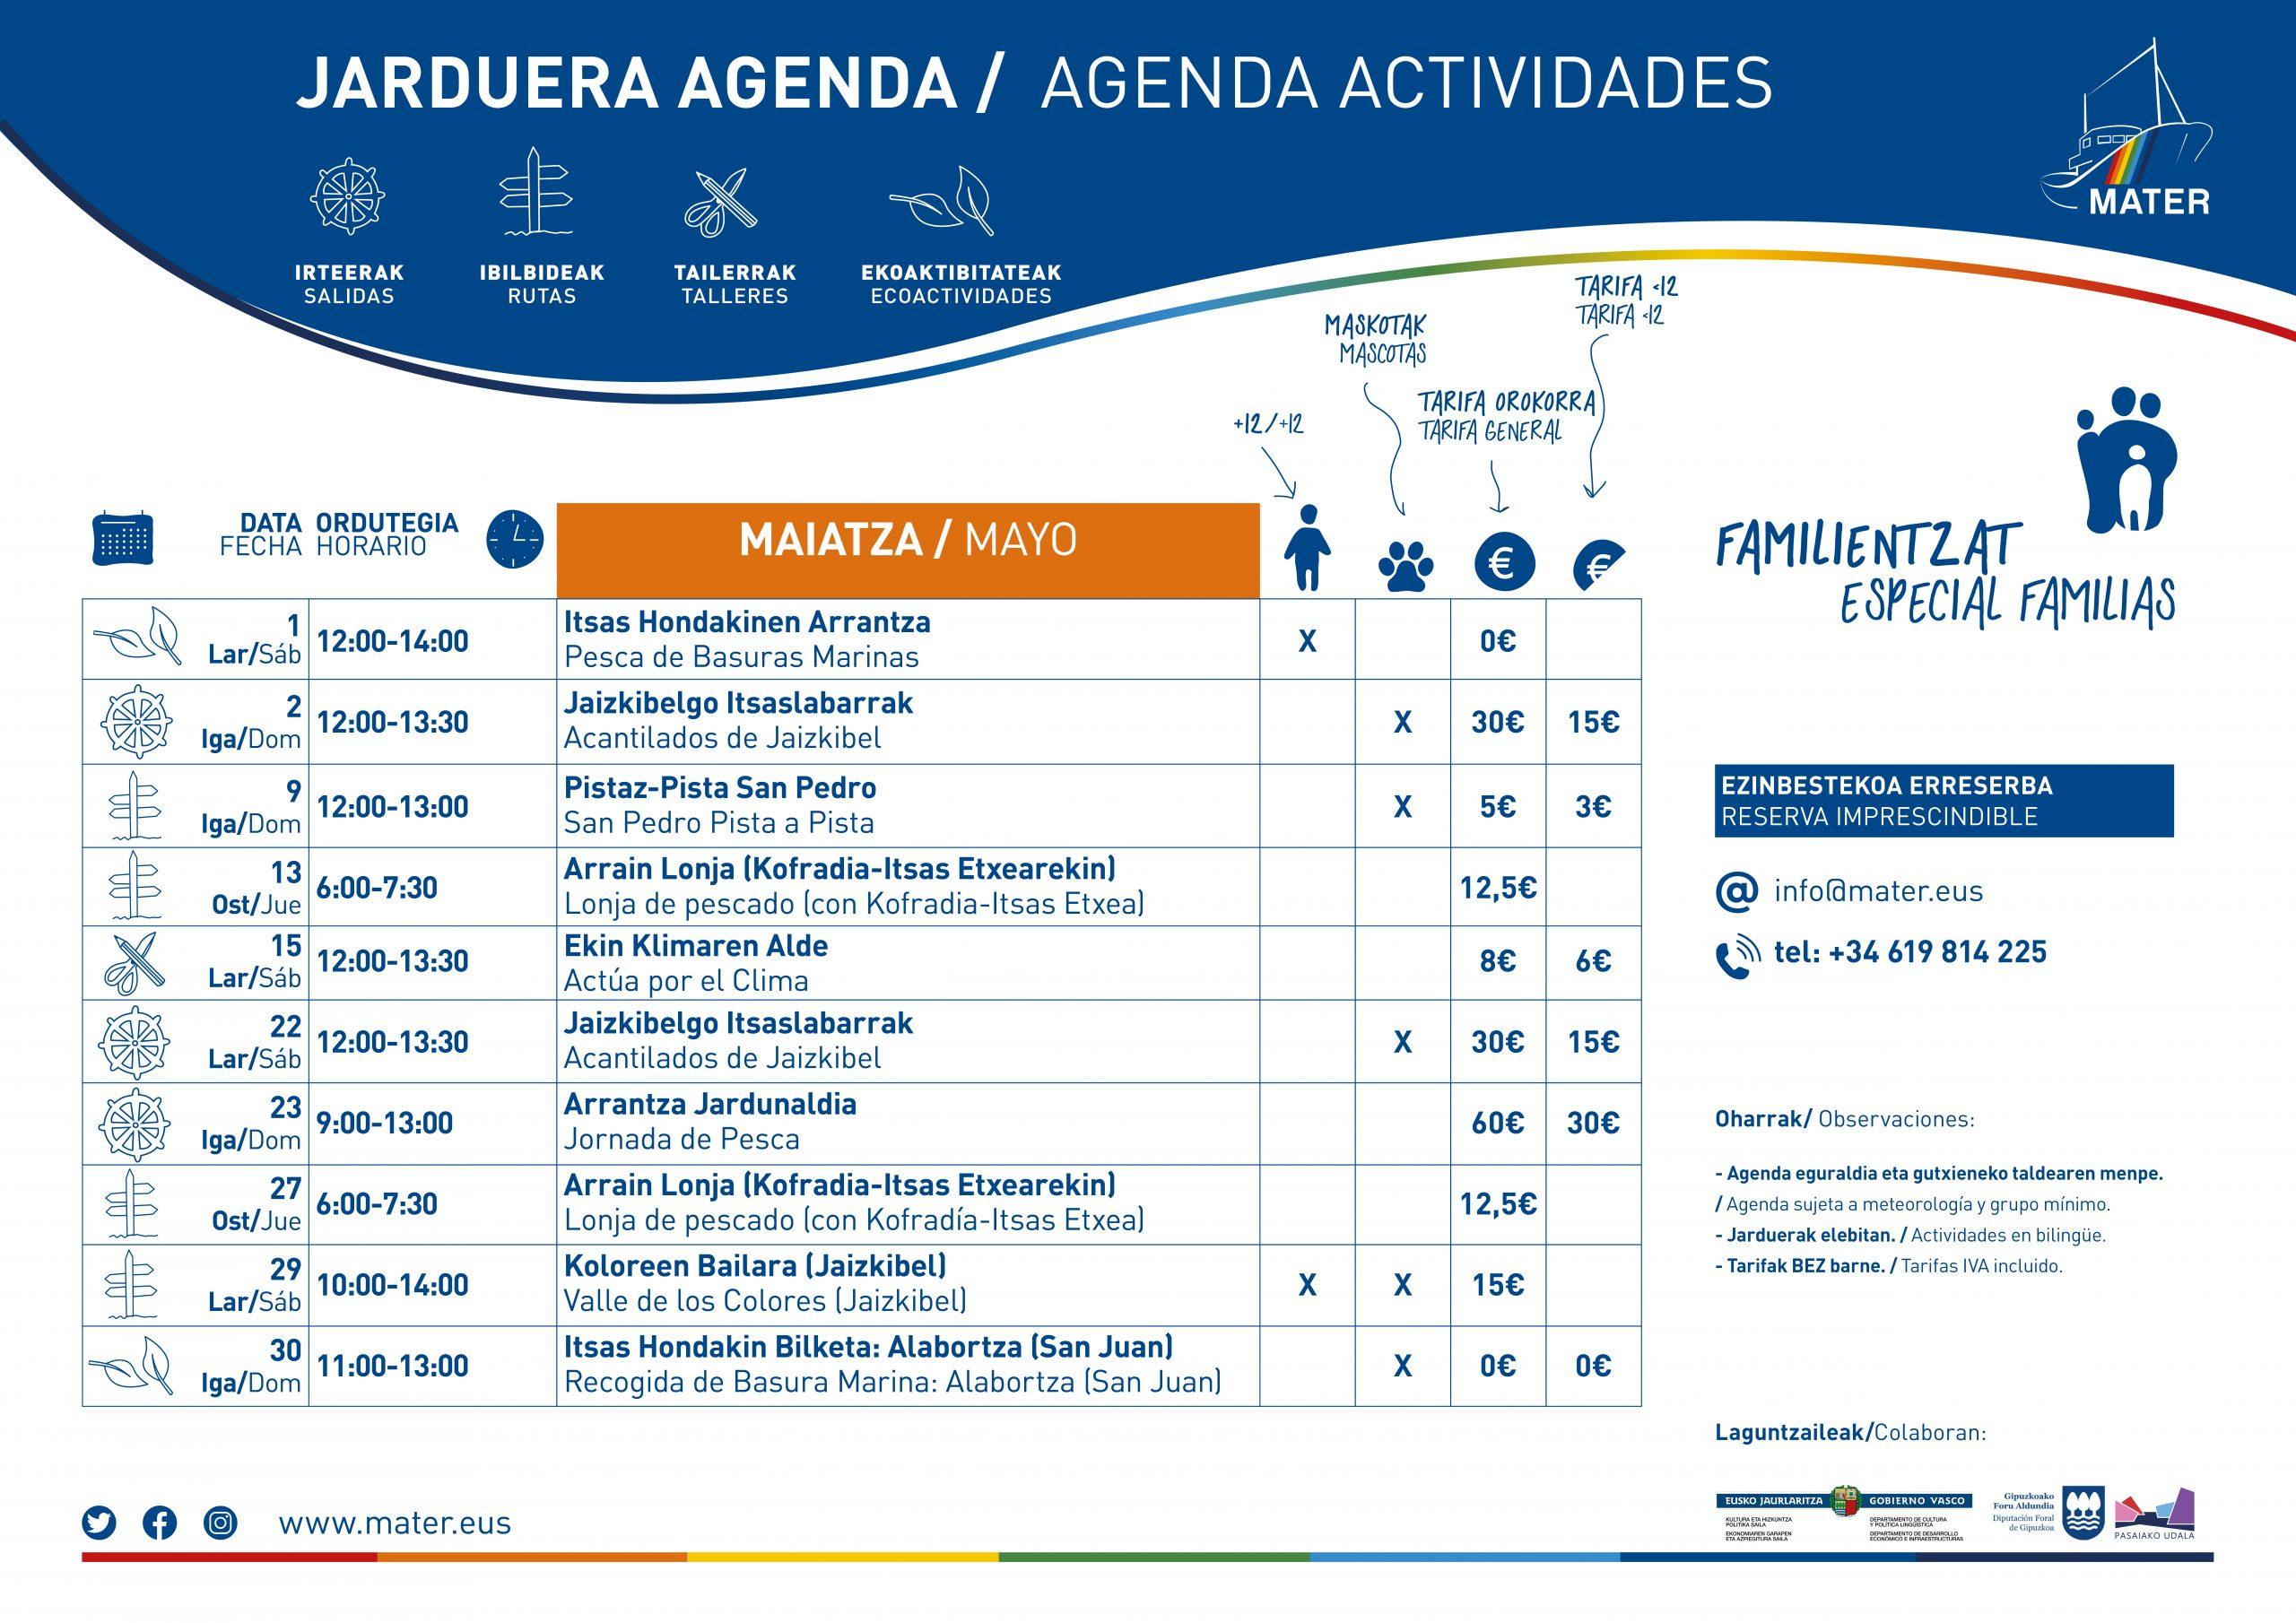 Agenda Maiatza